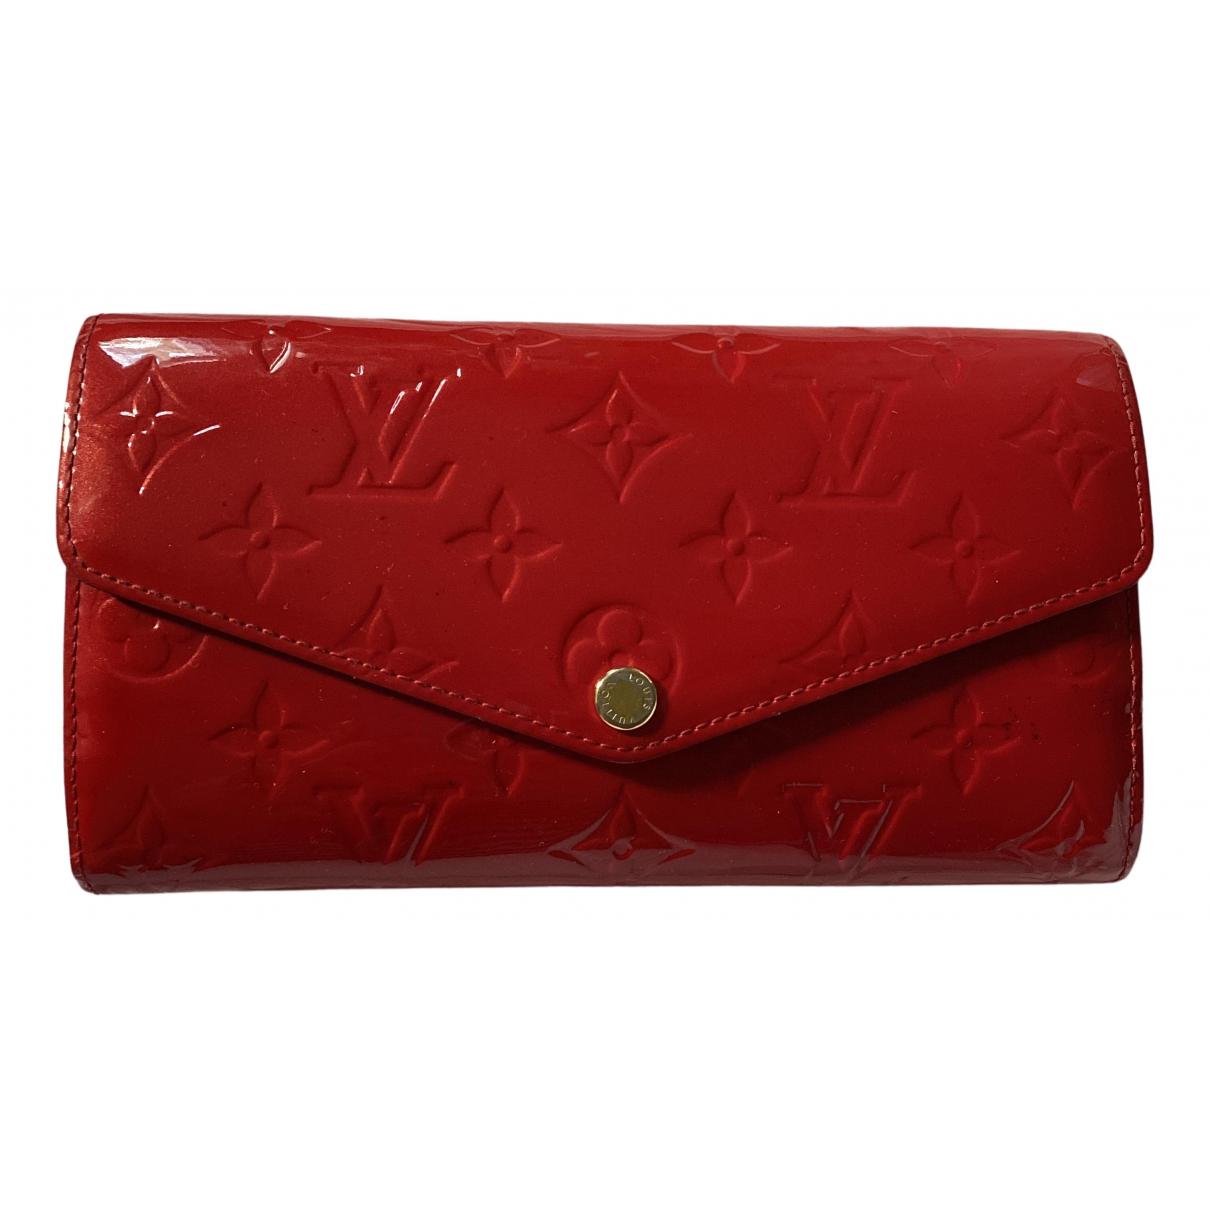 Louis Vuitton - Petite maroquinerie   pour femme en cuir verni - rouge